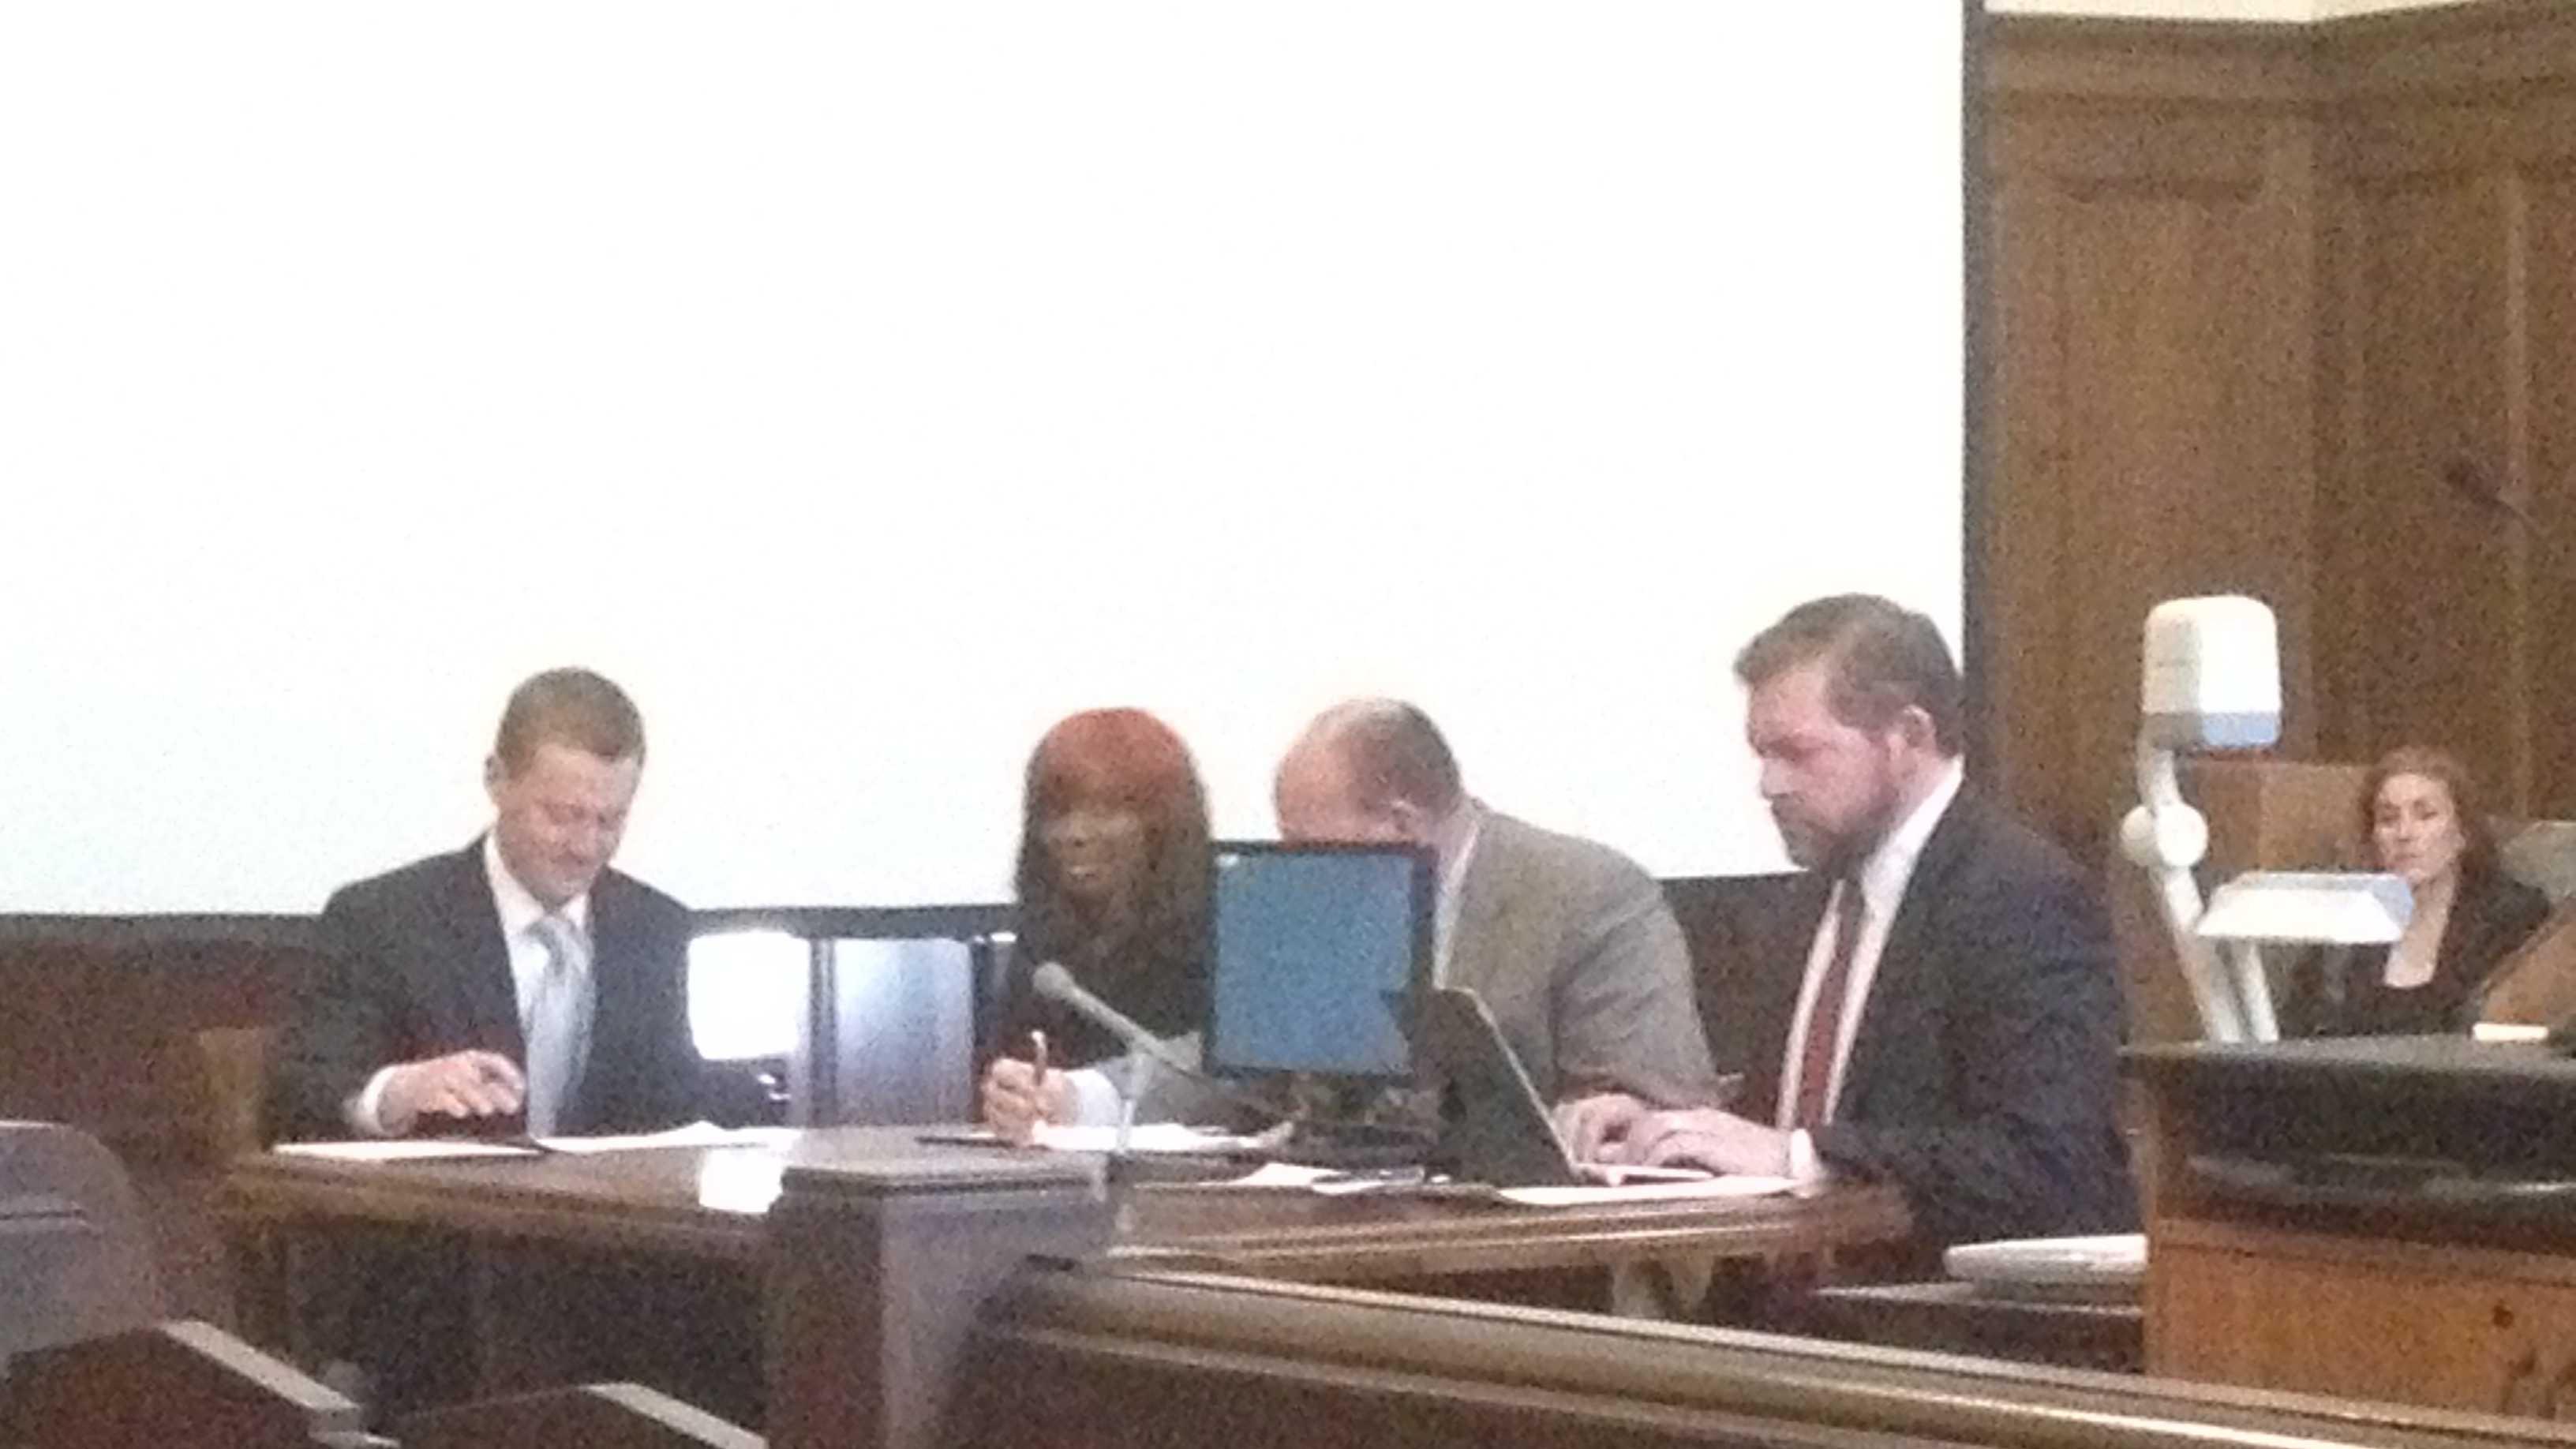 Natasha Stewart in court